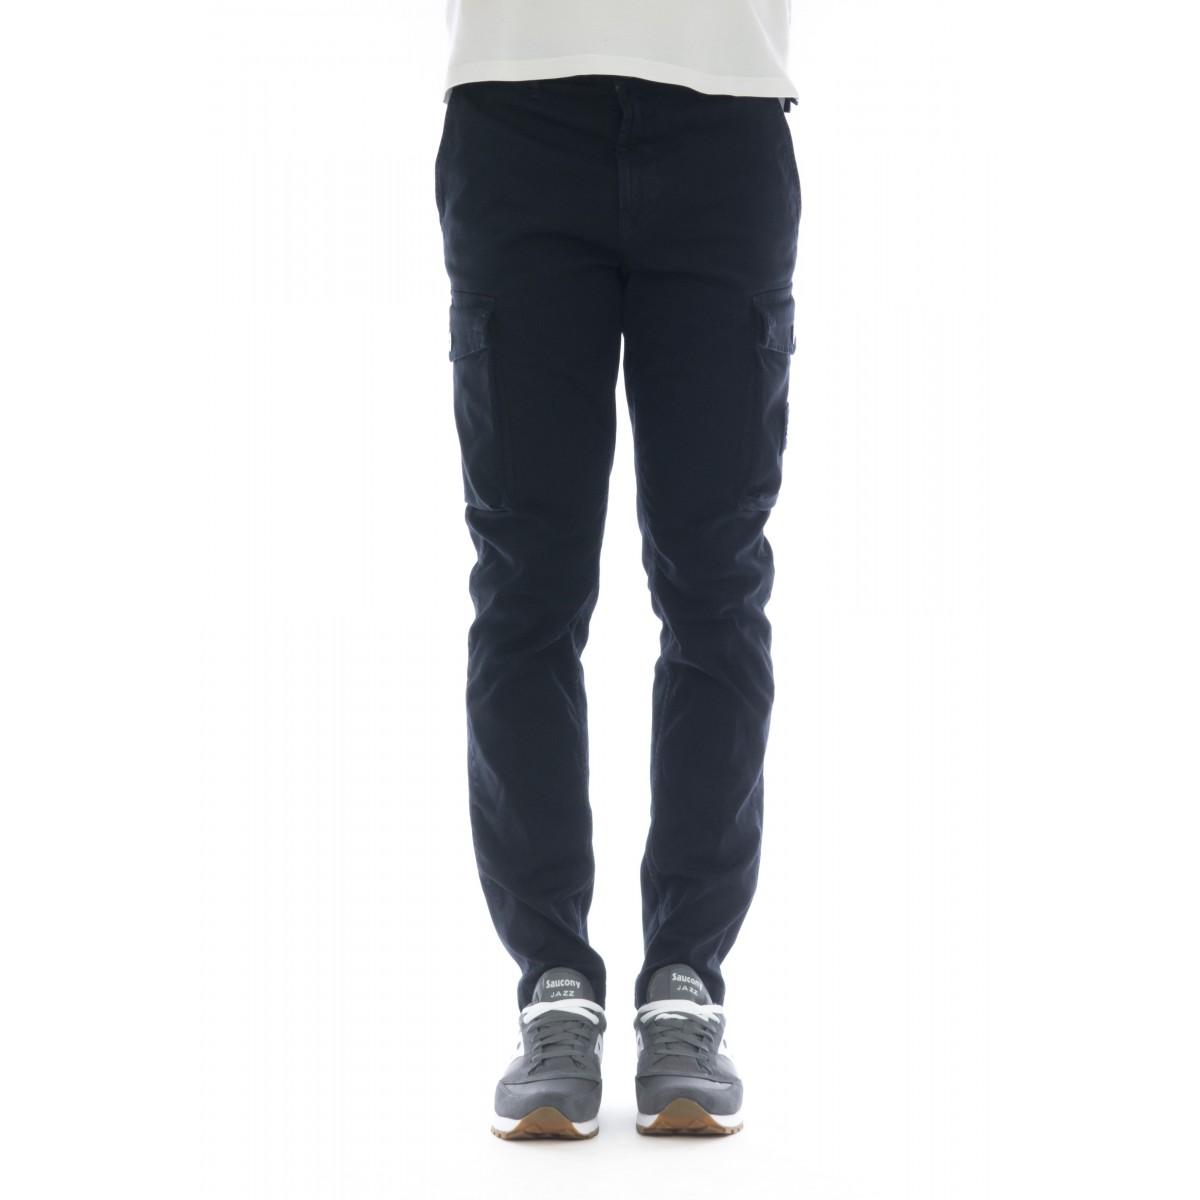 Pantalone uomo - 308LI tasconato in cotone strech